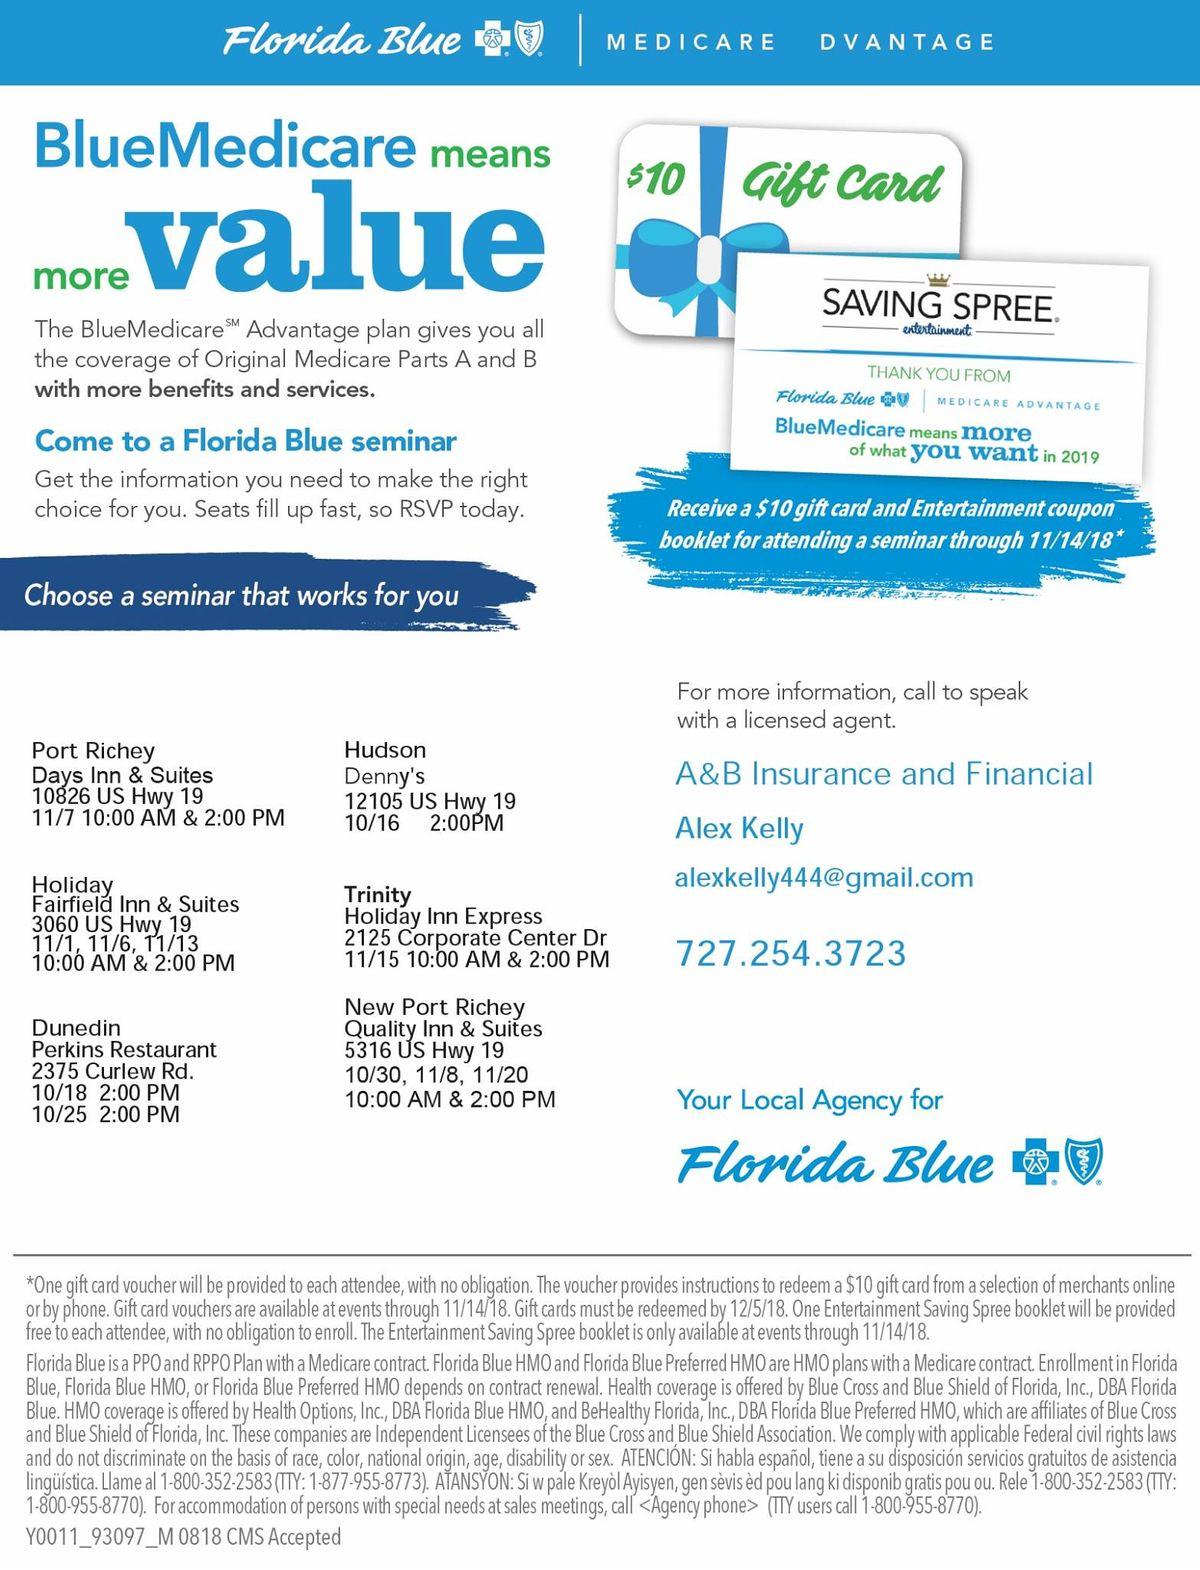 Florida Blue Medicare >> Florida Blue Medicare Seminar At Holiday Inn Express